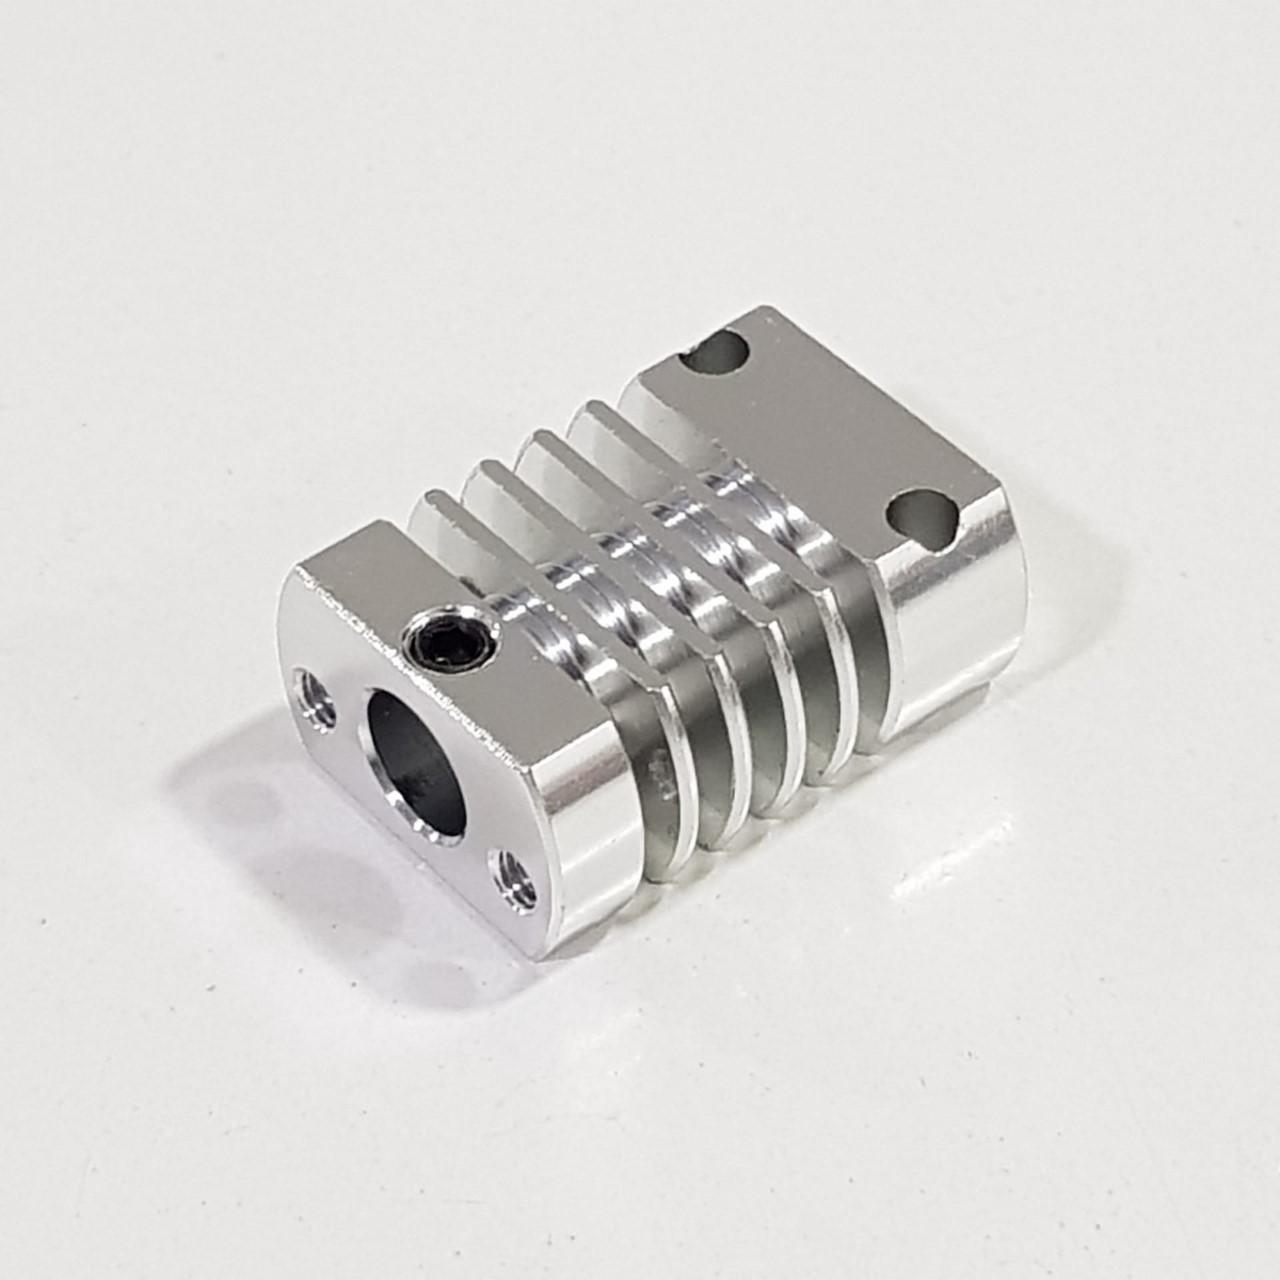 Heatsink MK10 (cr10)